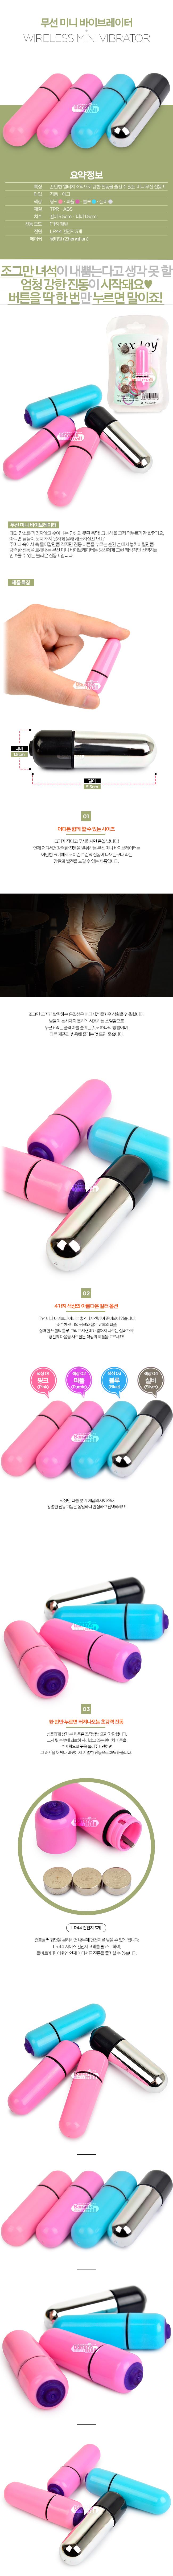 [원터치 진동] 무선 미니 바이브레이터(Wireless Mini Vibrator) - 00194